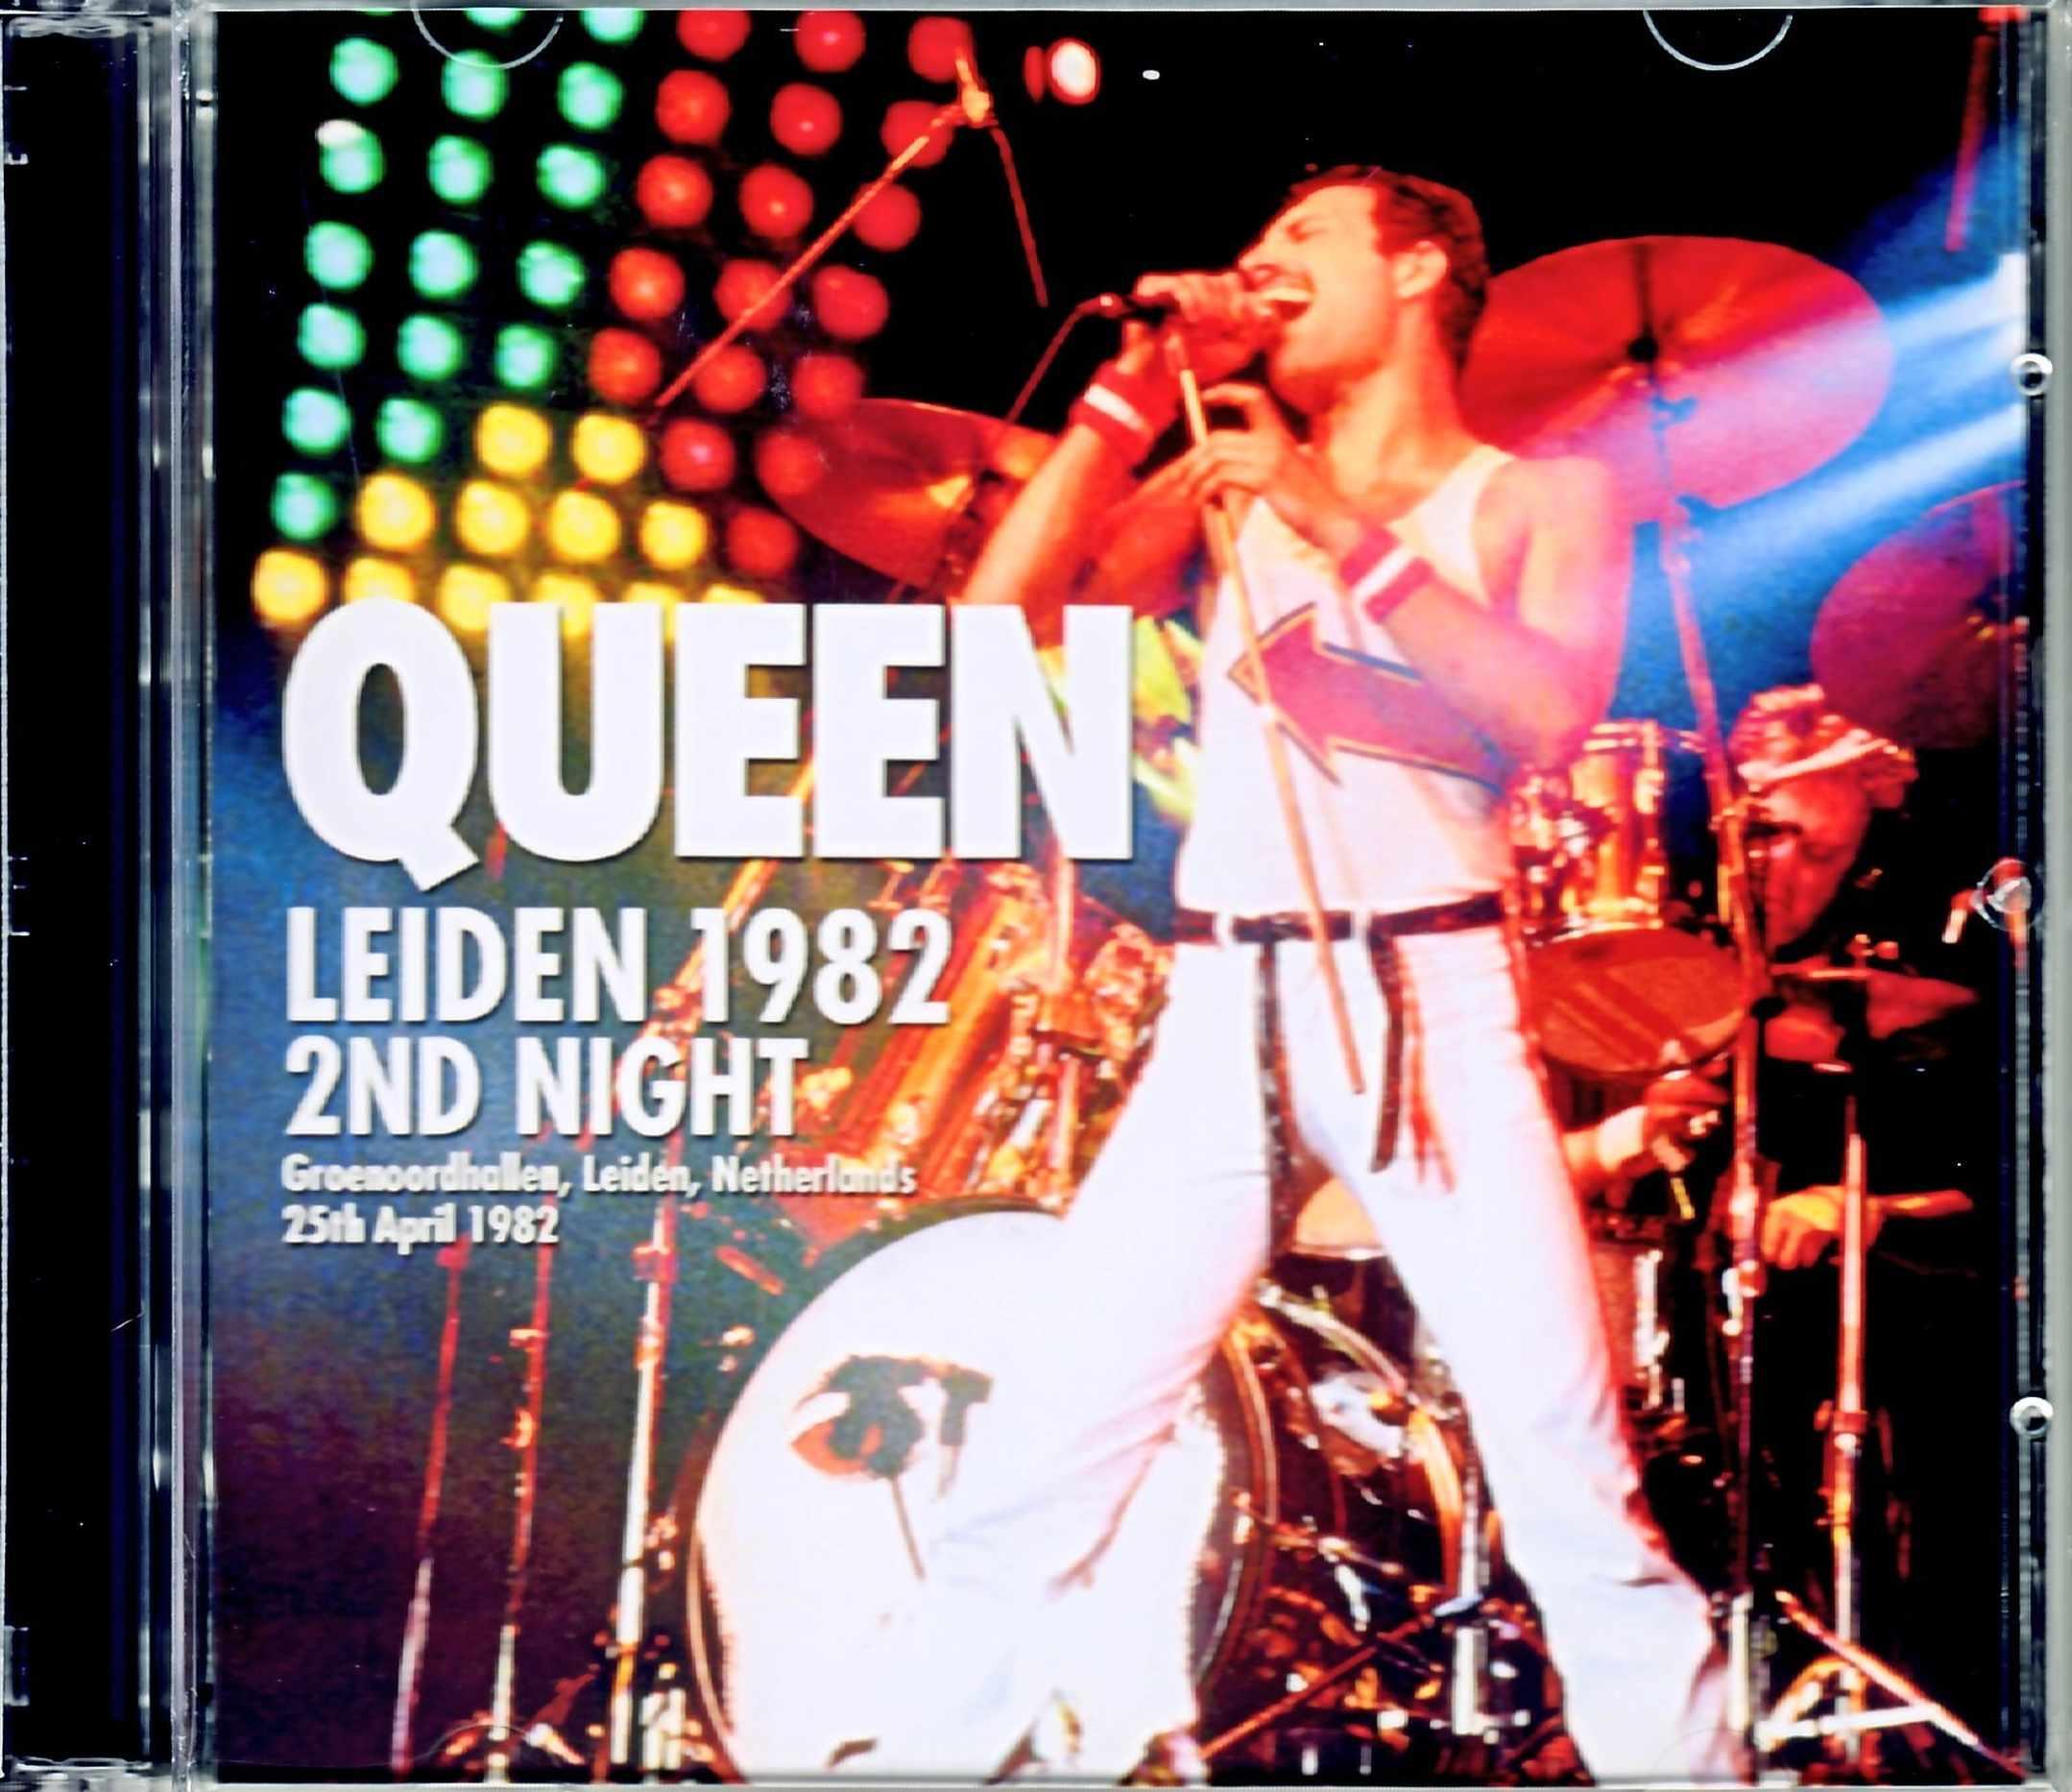 Queen クィーン/Netherlands 4.25.1982